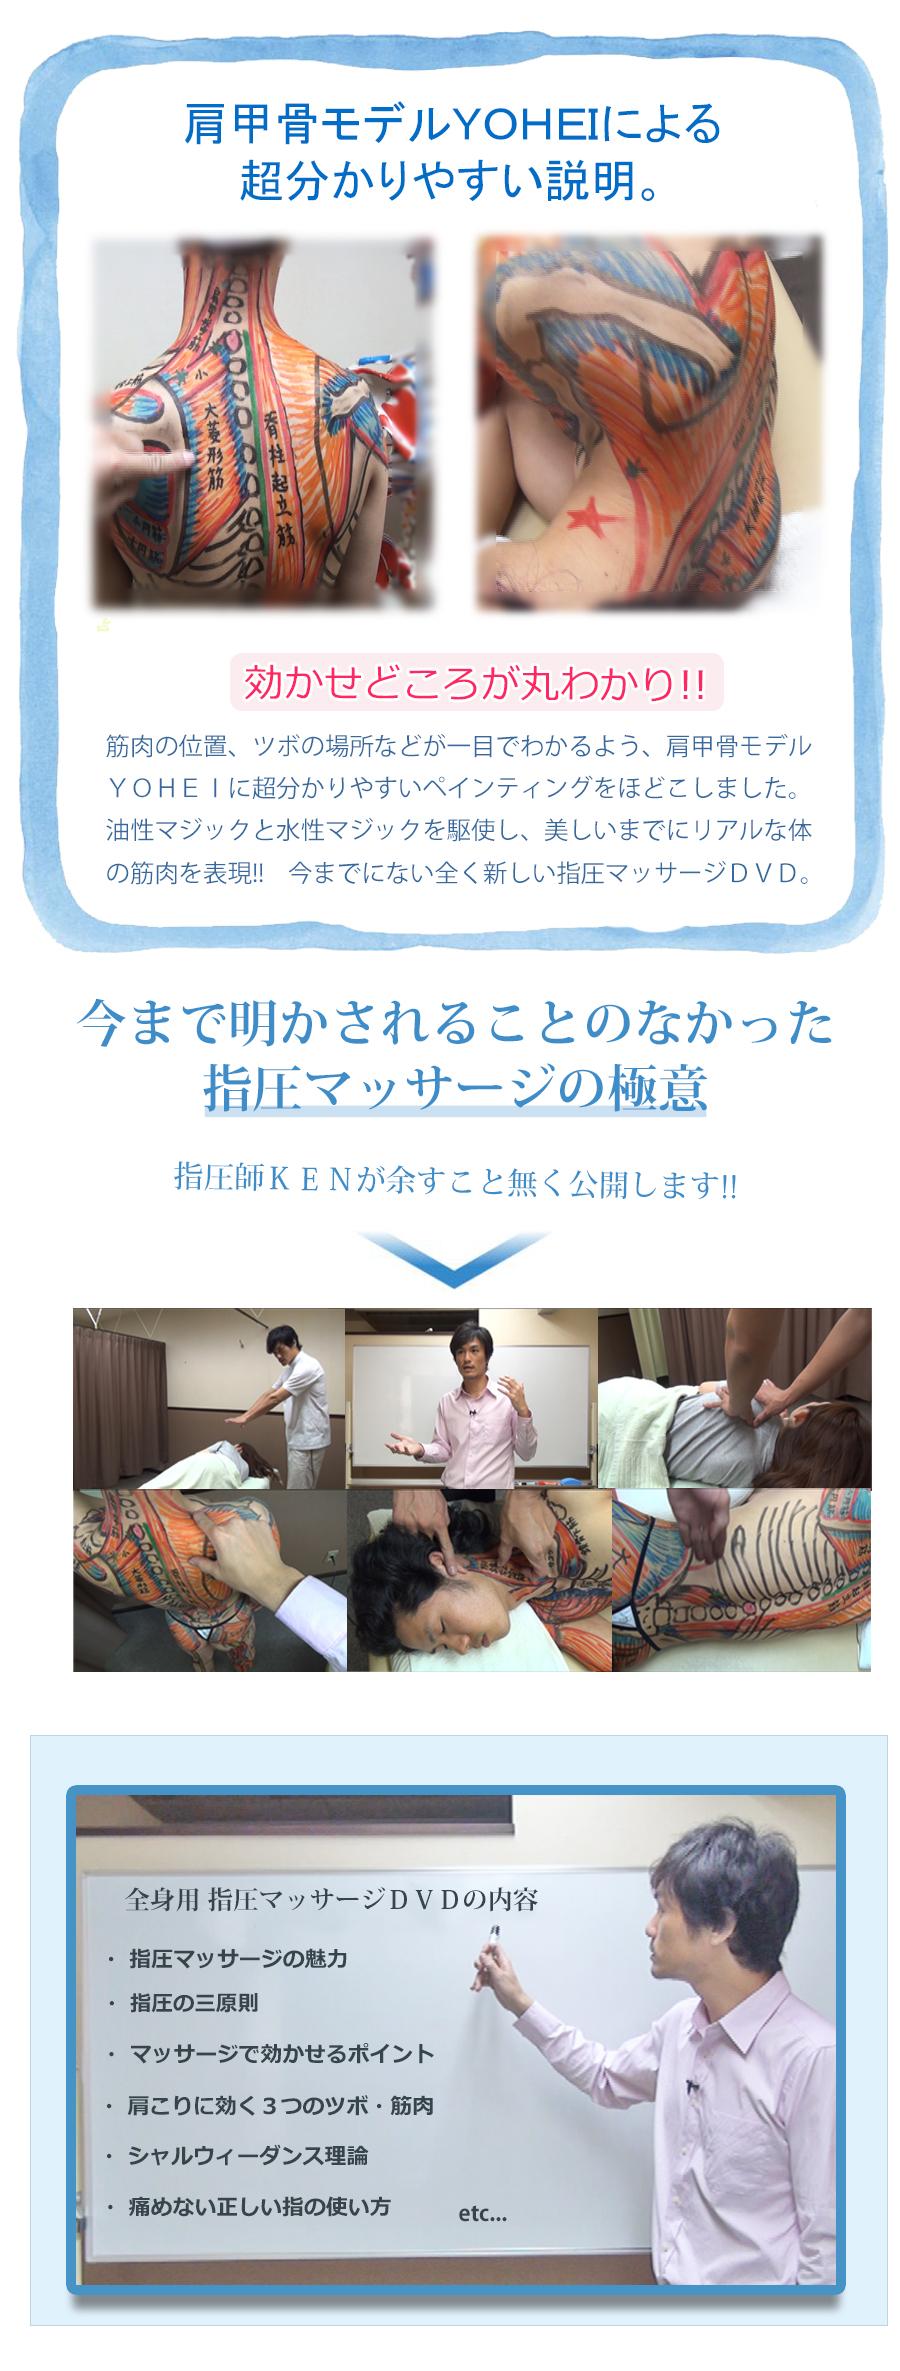 肩甲骨モデルYOHEIによる超分かりやすいペインティング!